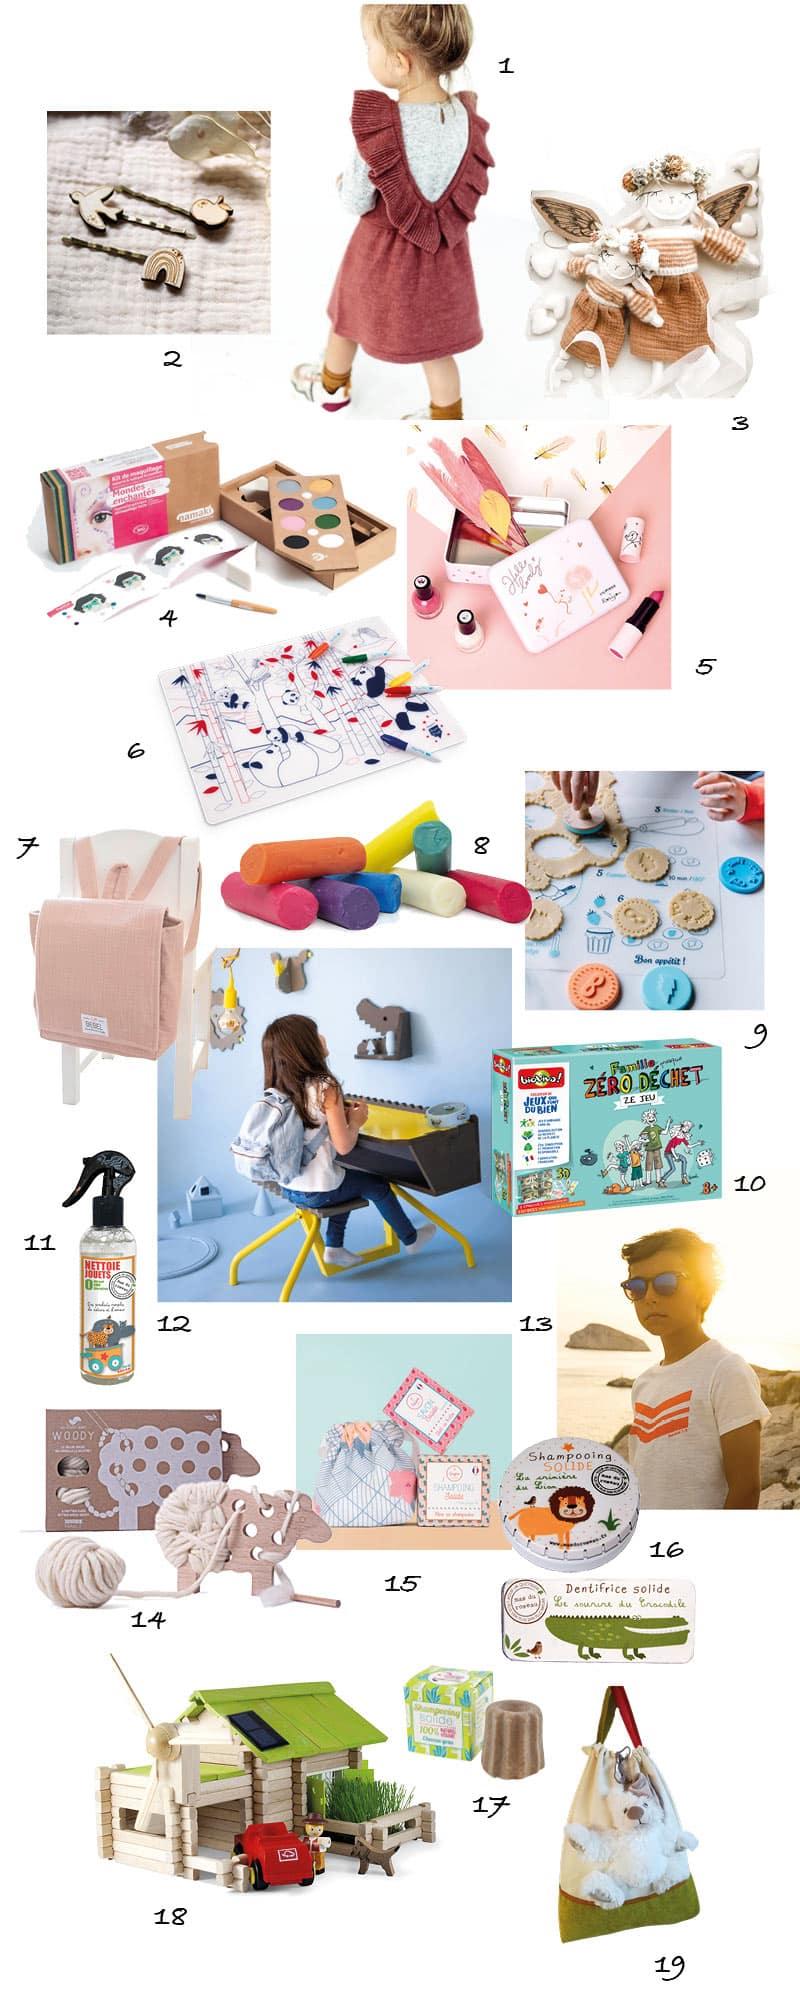 Montage selection kids jeux jouets mode beauté maquillage